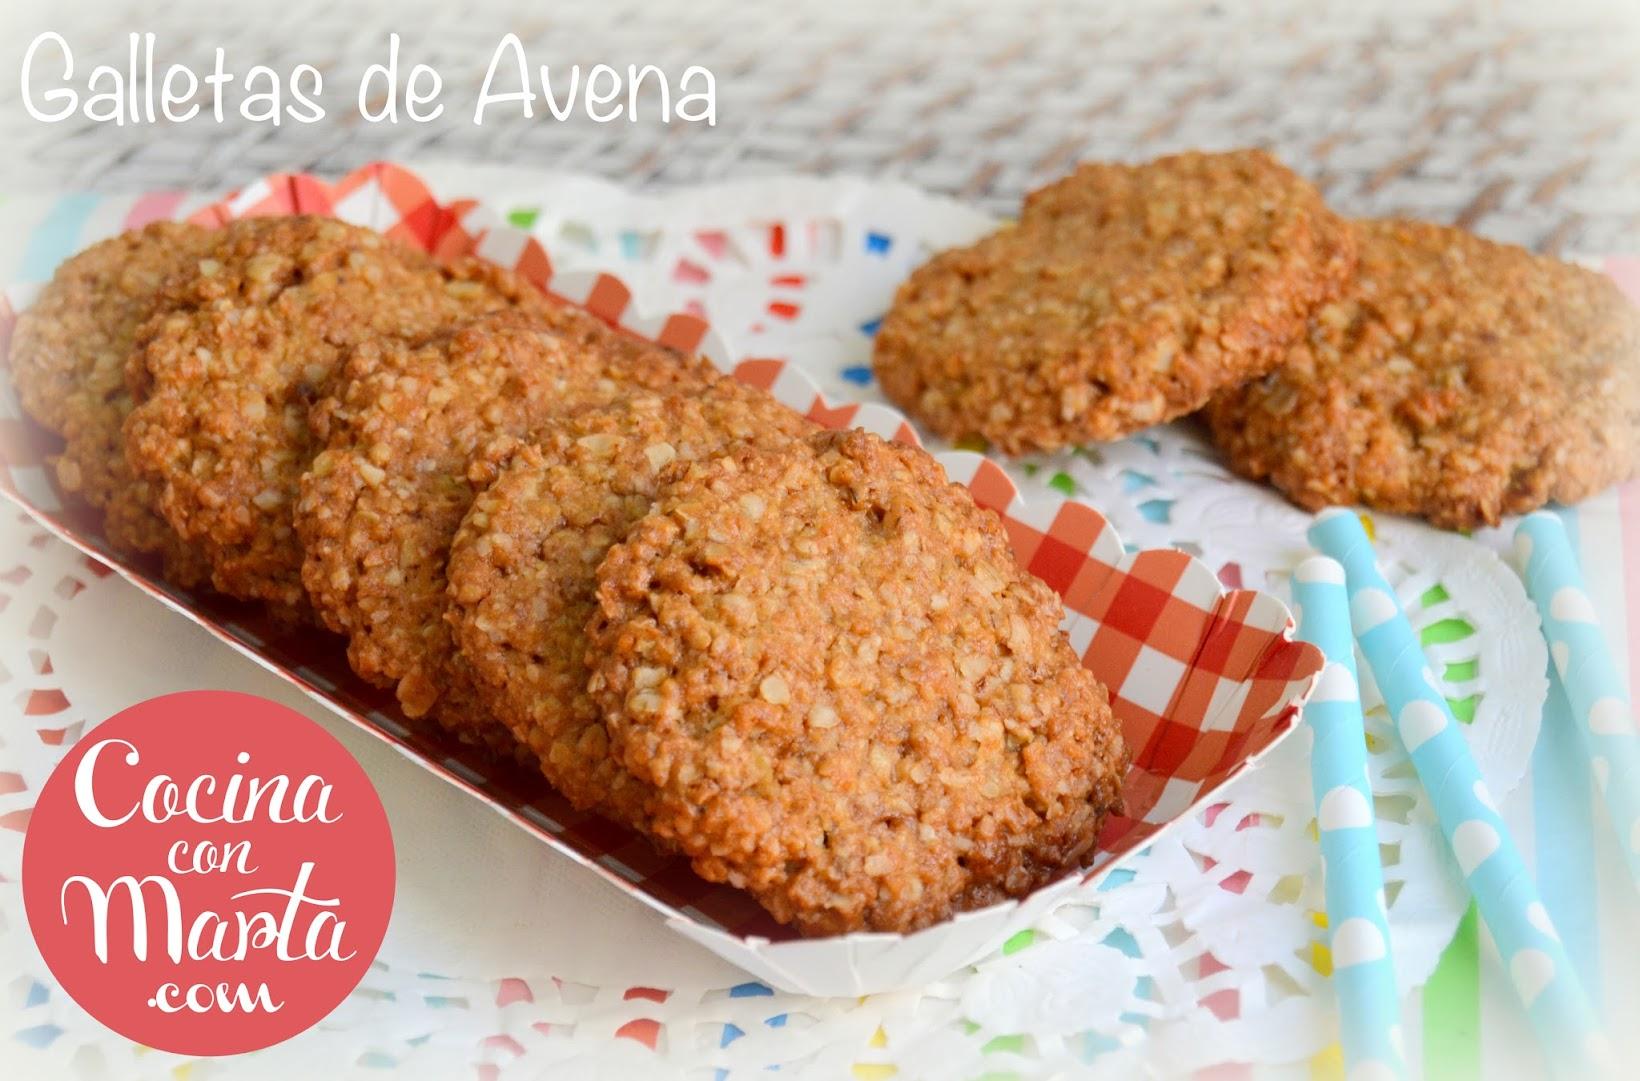 Receta casera galletas de avena, galletas sanas, saludables, sin aceite de palma, sin azúcar, sin aditivos, galletas para niños y bebes, cocina con marta